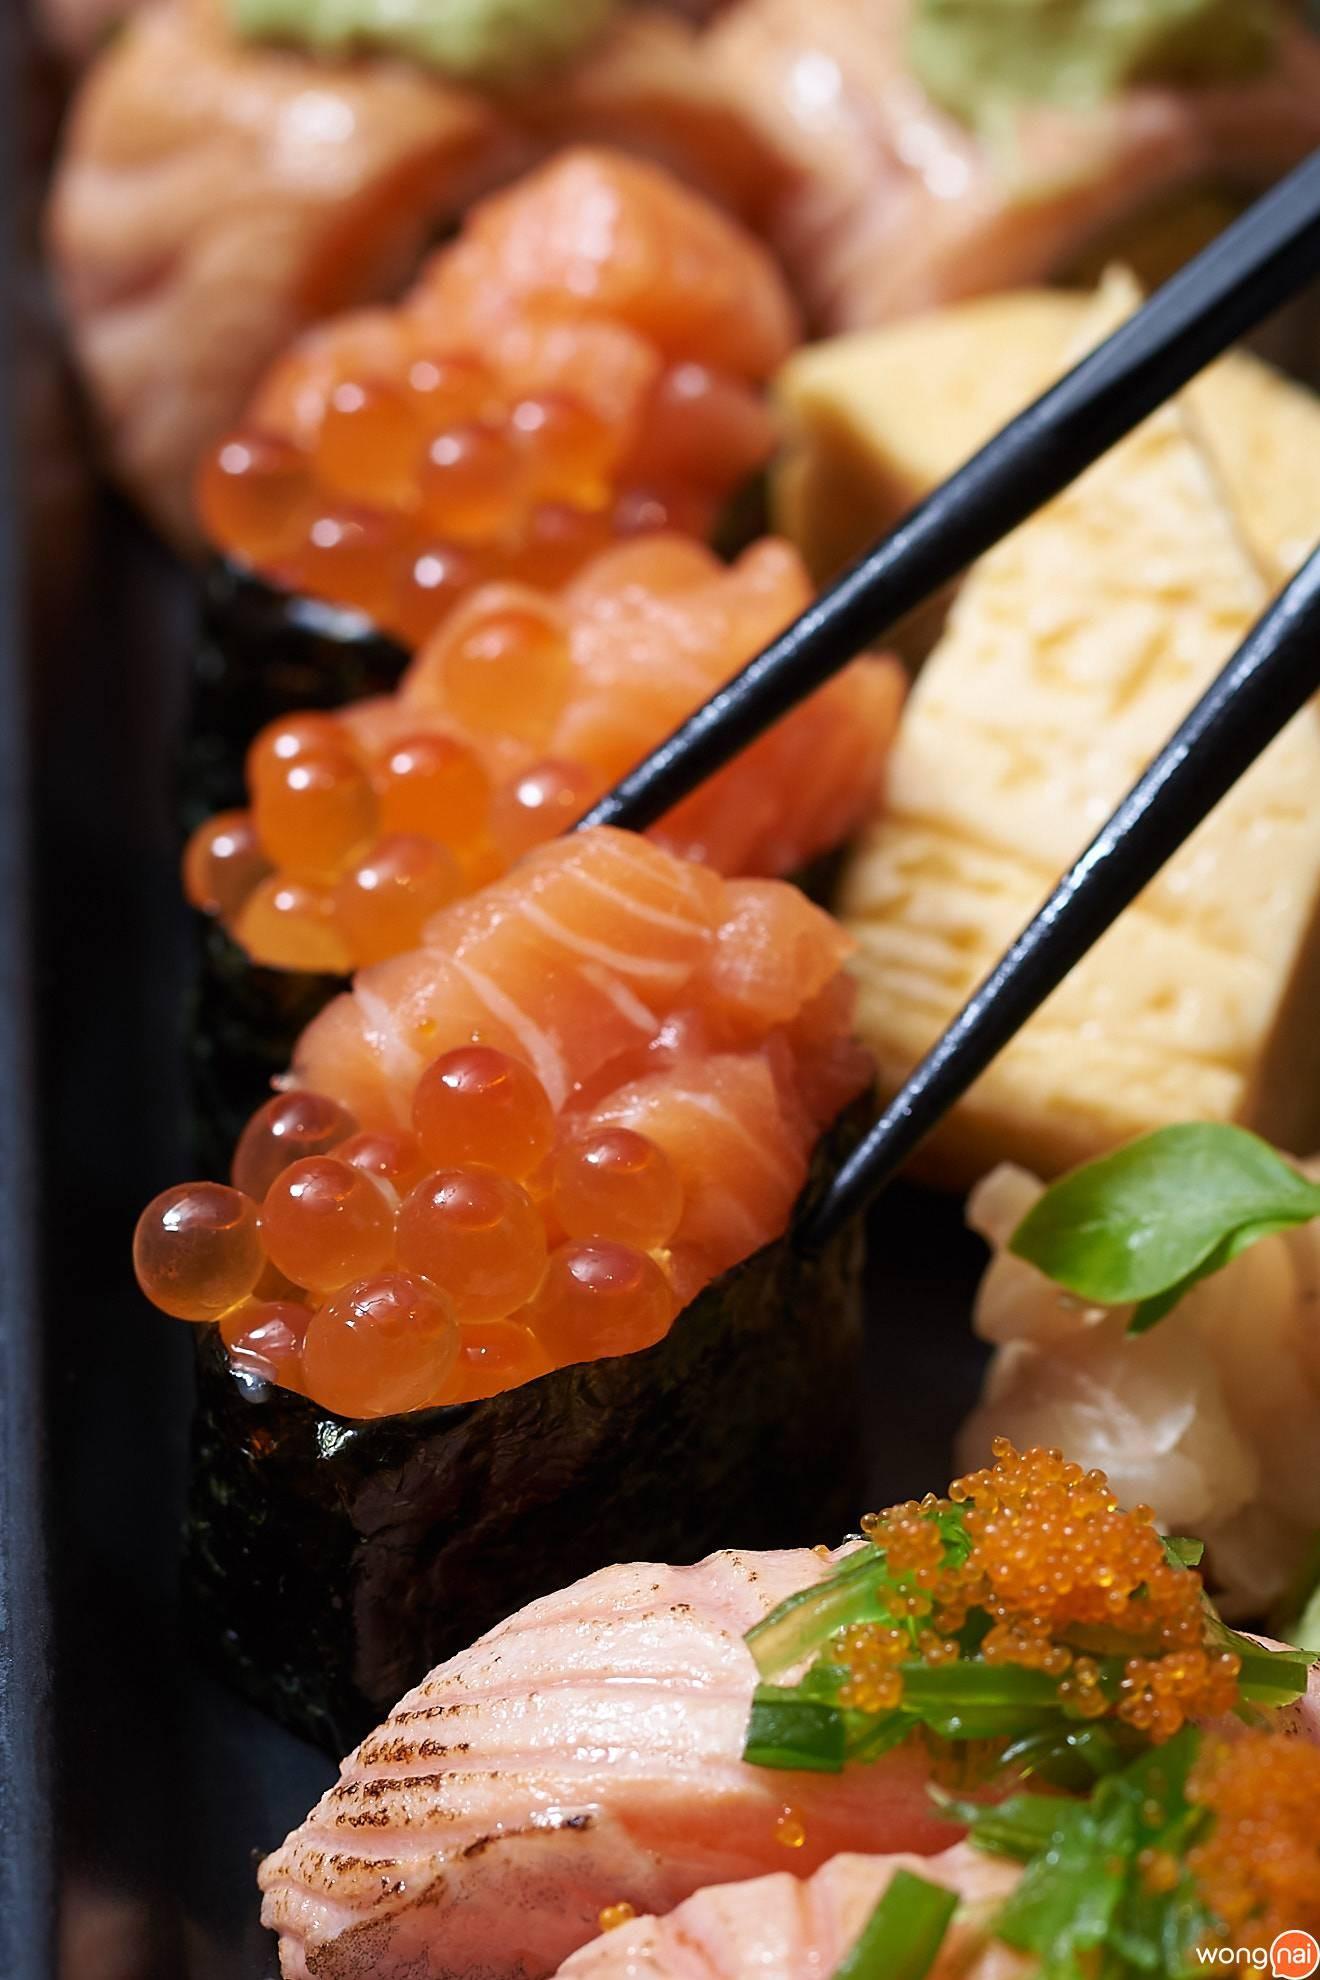 แซลมอนเต๋าไข่แซลมอนห่อสาหร่ายและไข่หวาน Zen